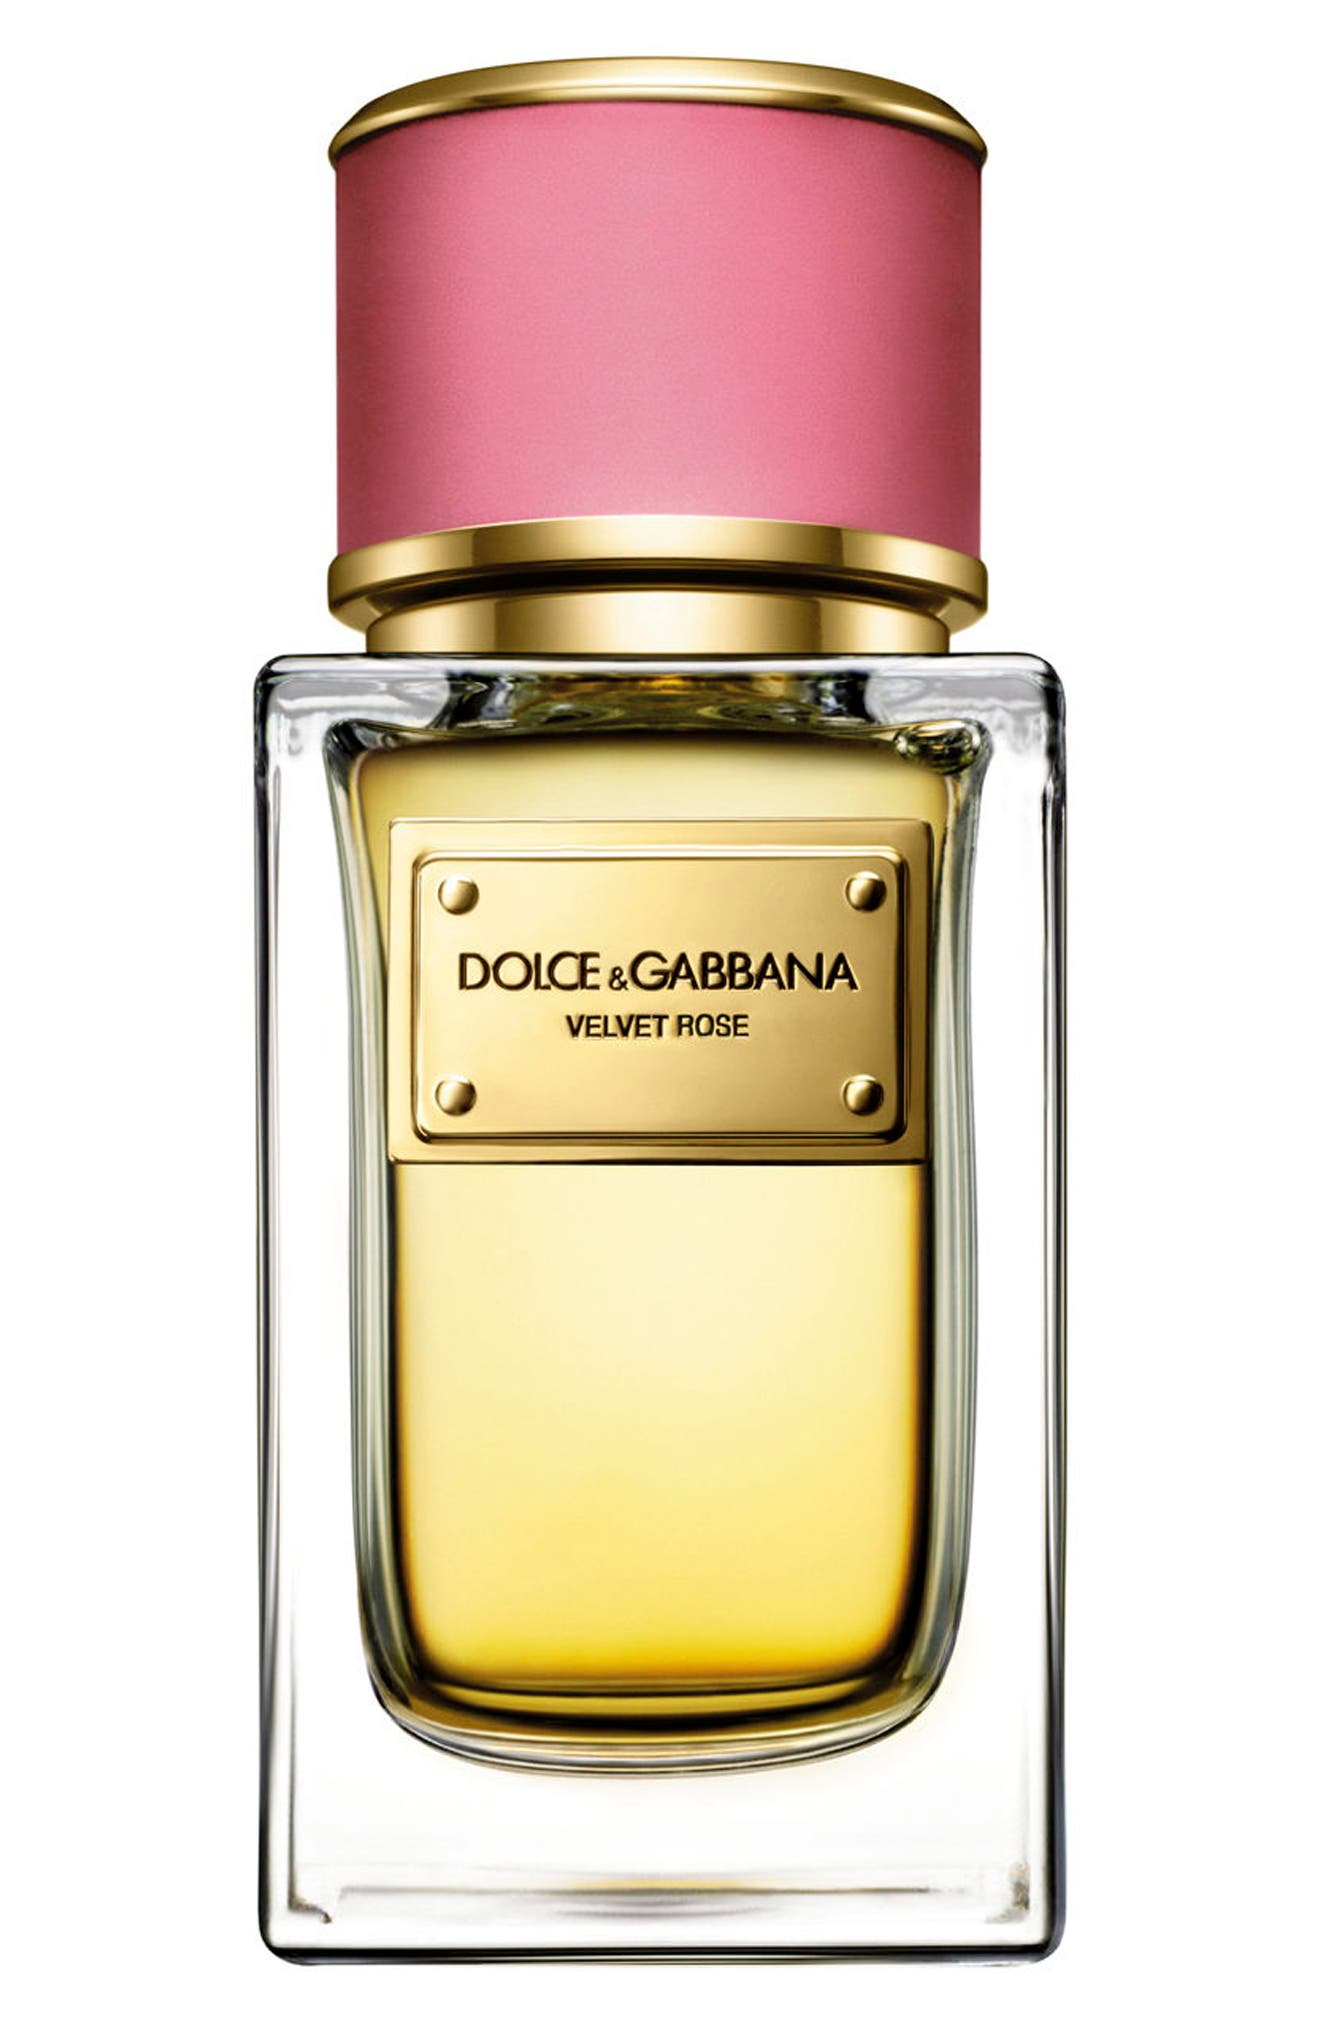 Dolce&GabbanaBeauty 'Velvet Rose' Eau de Parfum